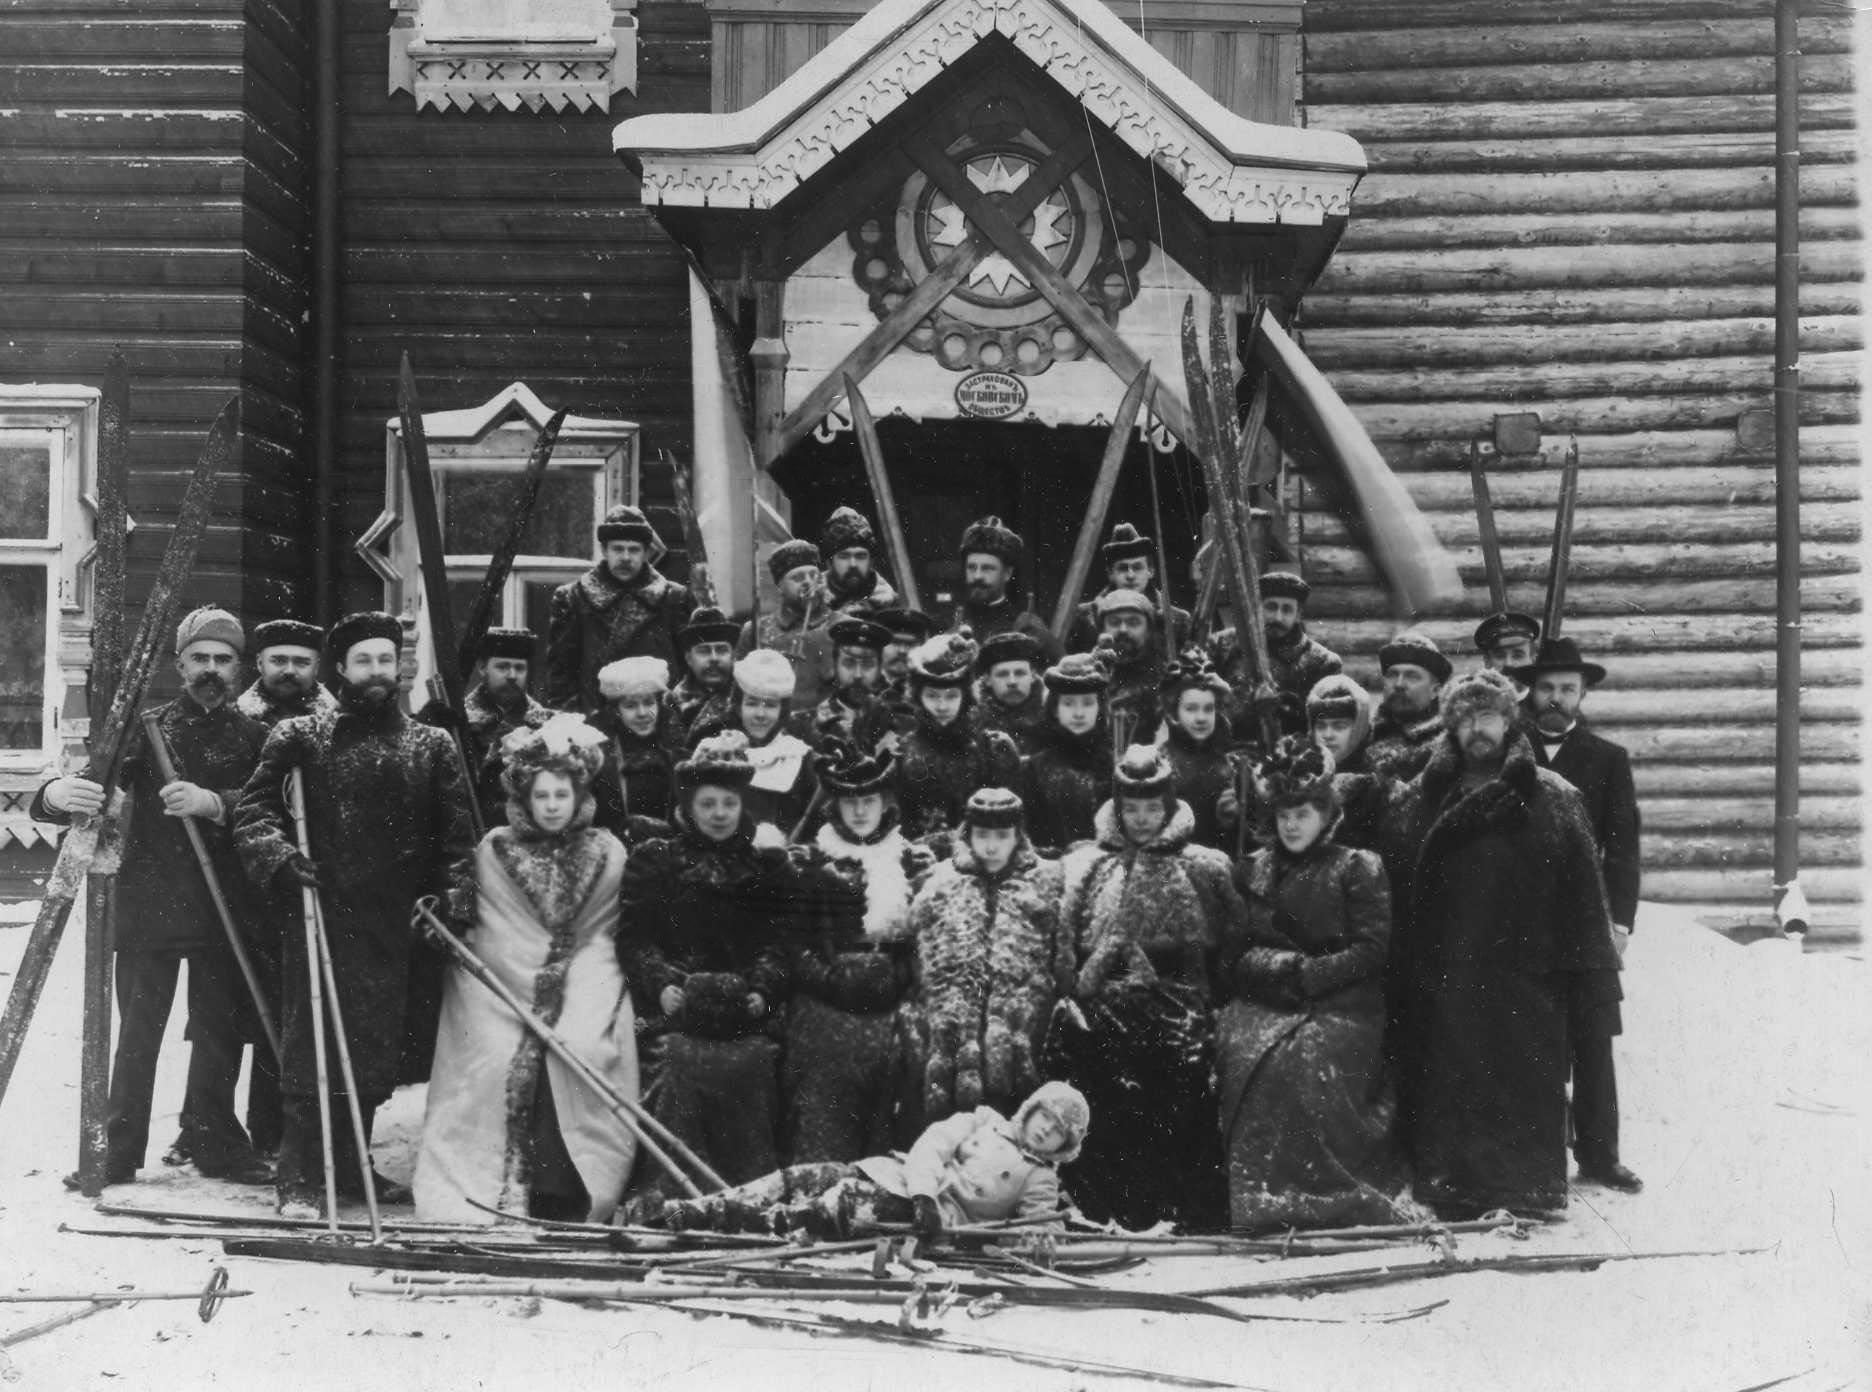 05. Группа членов кружка любителей лыжного спорта Полярная звезда после лыжной прогулки